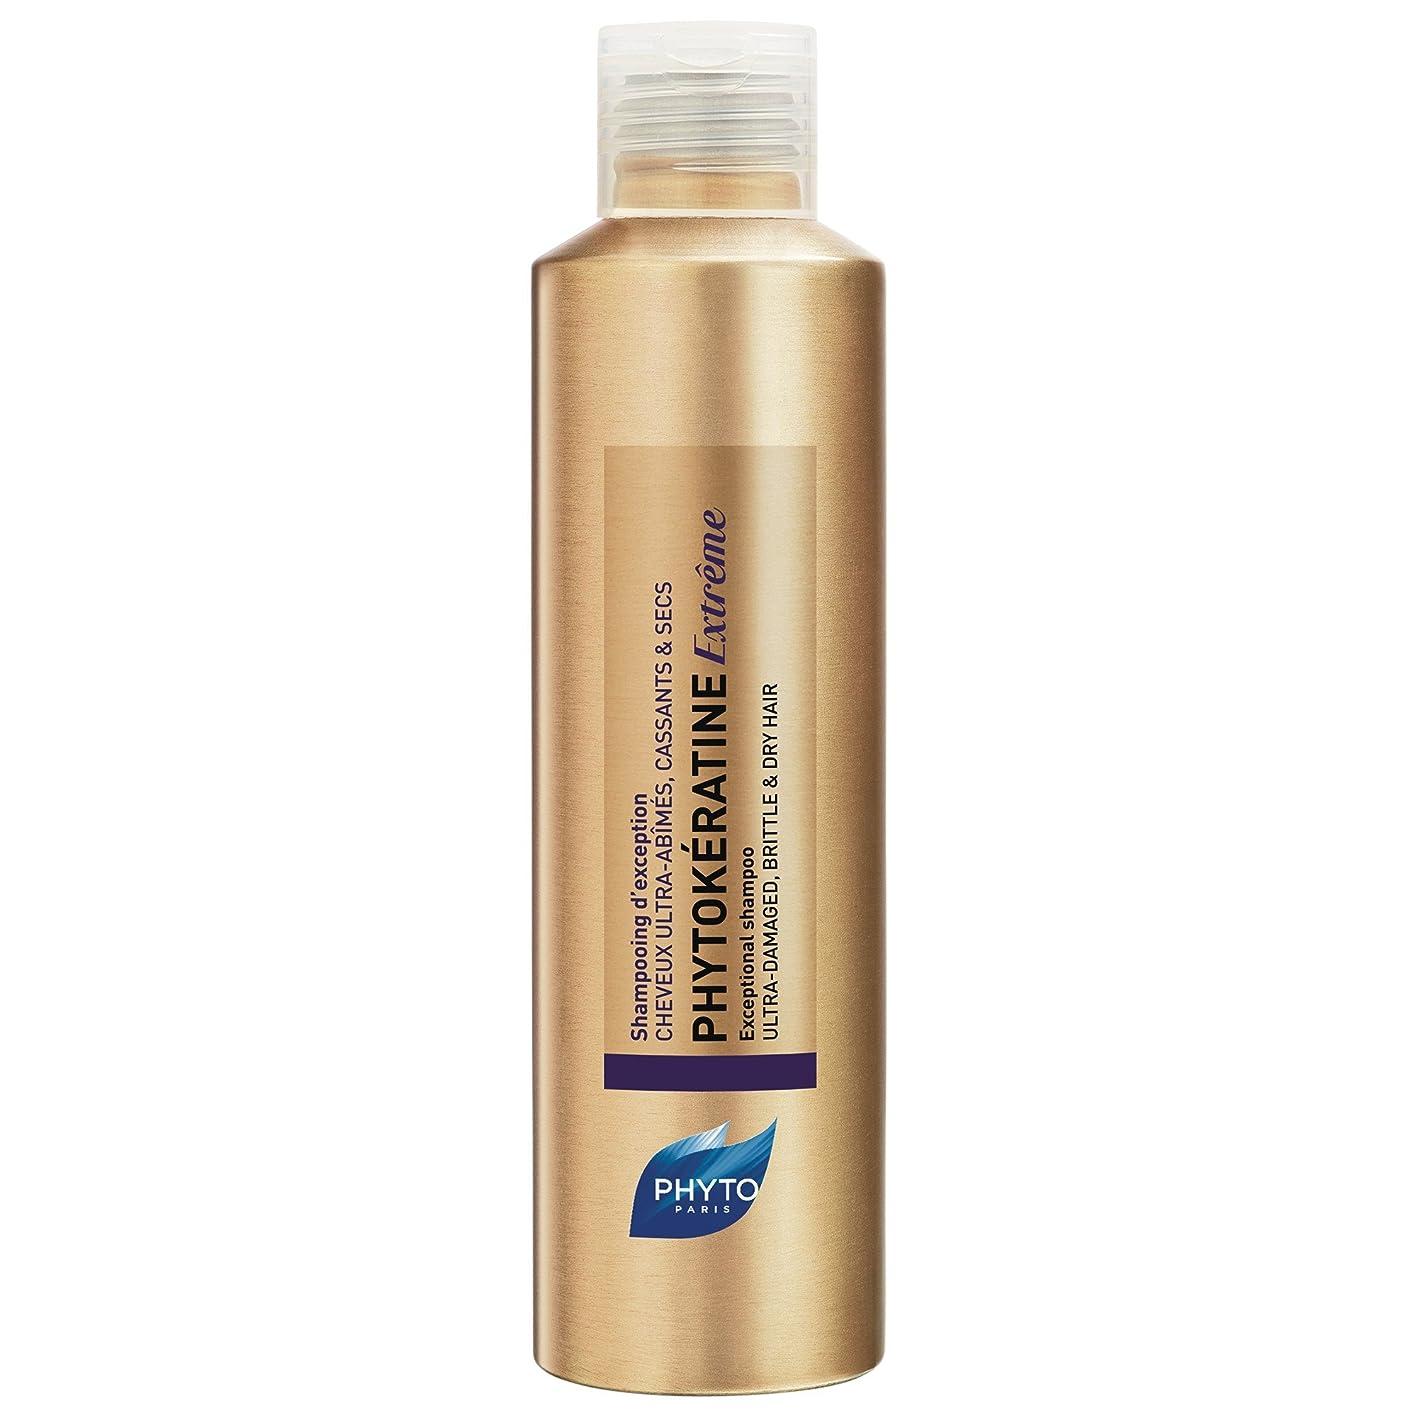 アヒル勝利サイクルフィトPhytokeratine極端なシャンプー200ミリリットル (Phyto) - Phyto Phytokeratine Extreme Shampoo 200ml [並行輸入品]